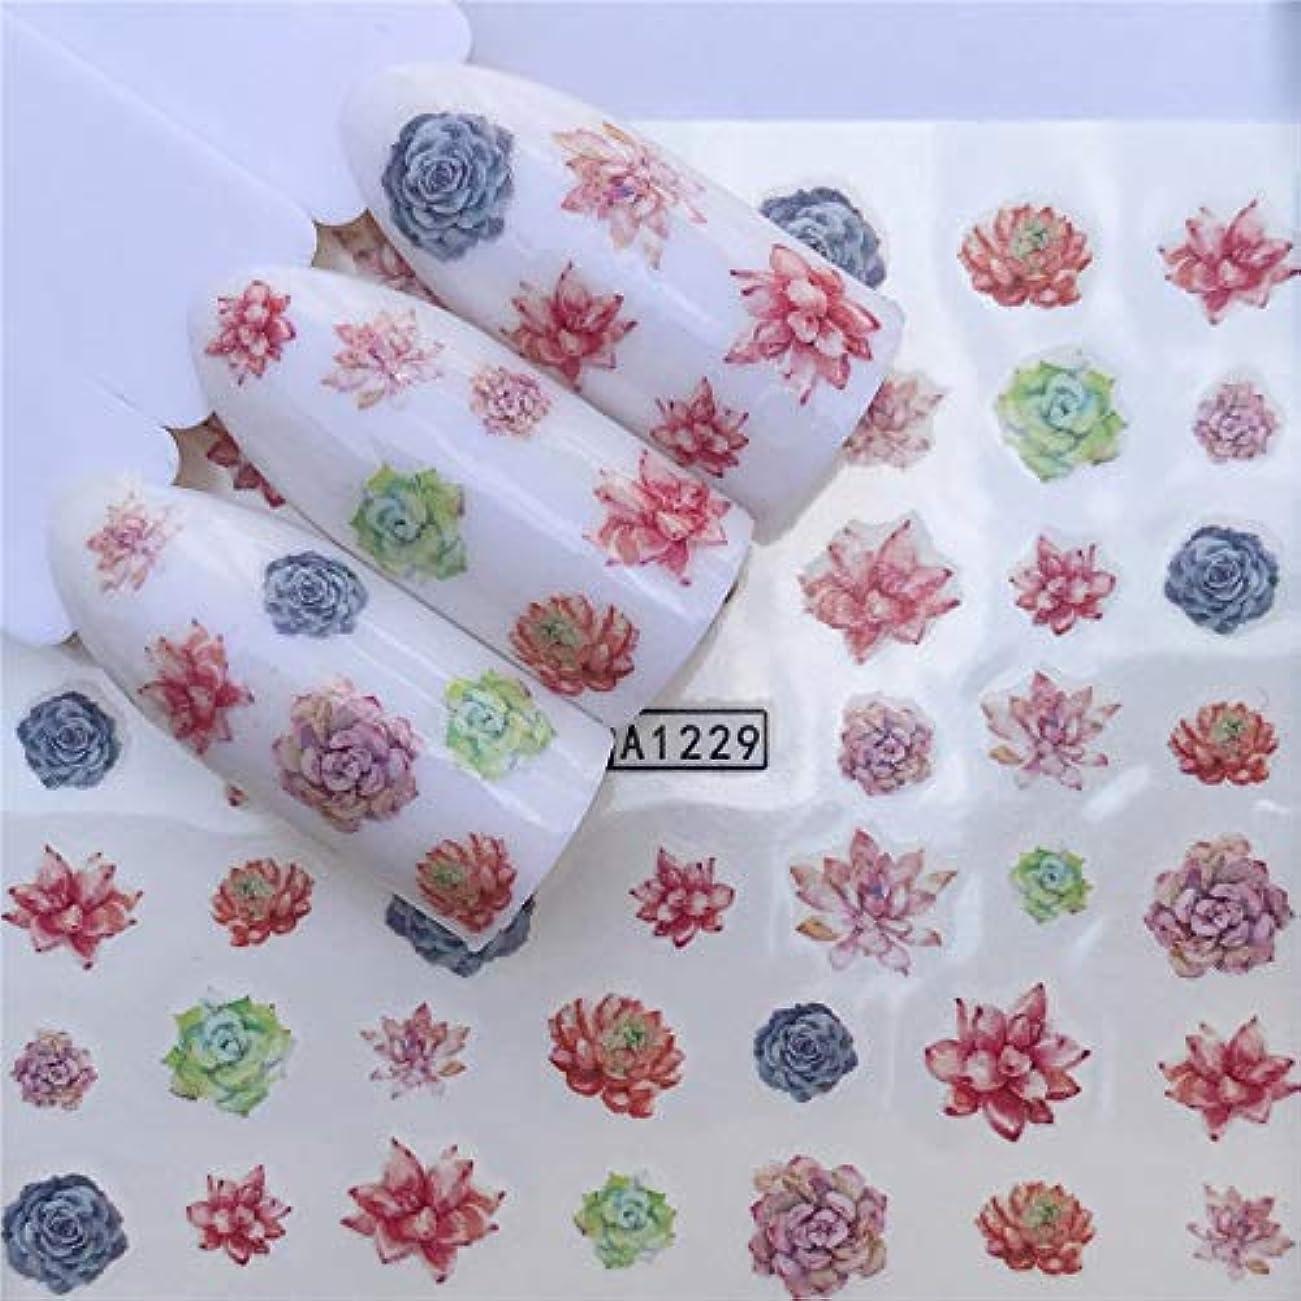 知人ヒュームくるくるYan 3個ネイルステッカーセットデカール水転写スライダーネイルアートデコレーション、色:YZWA1229